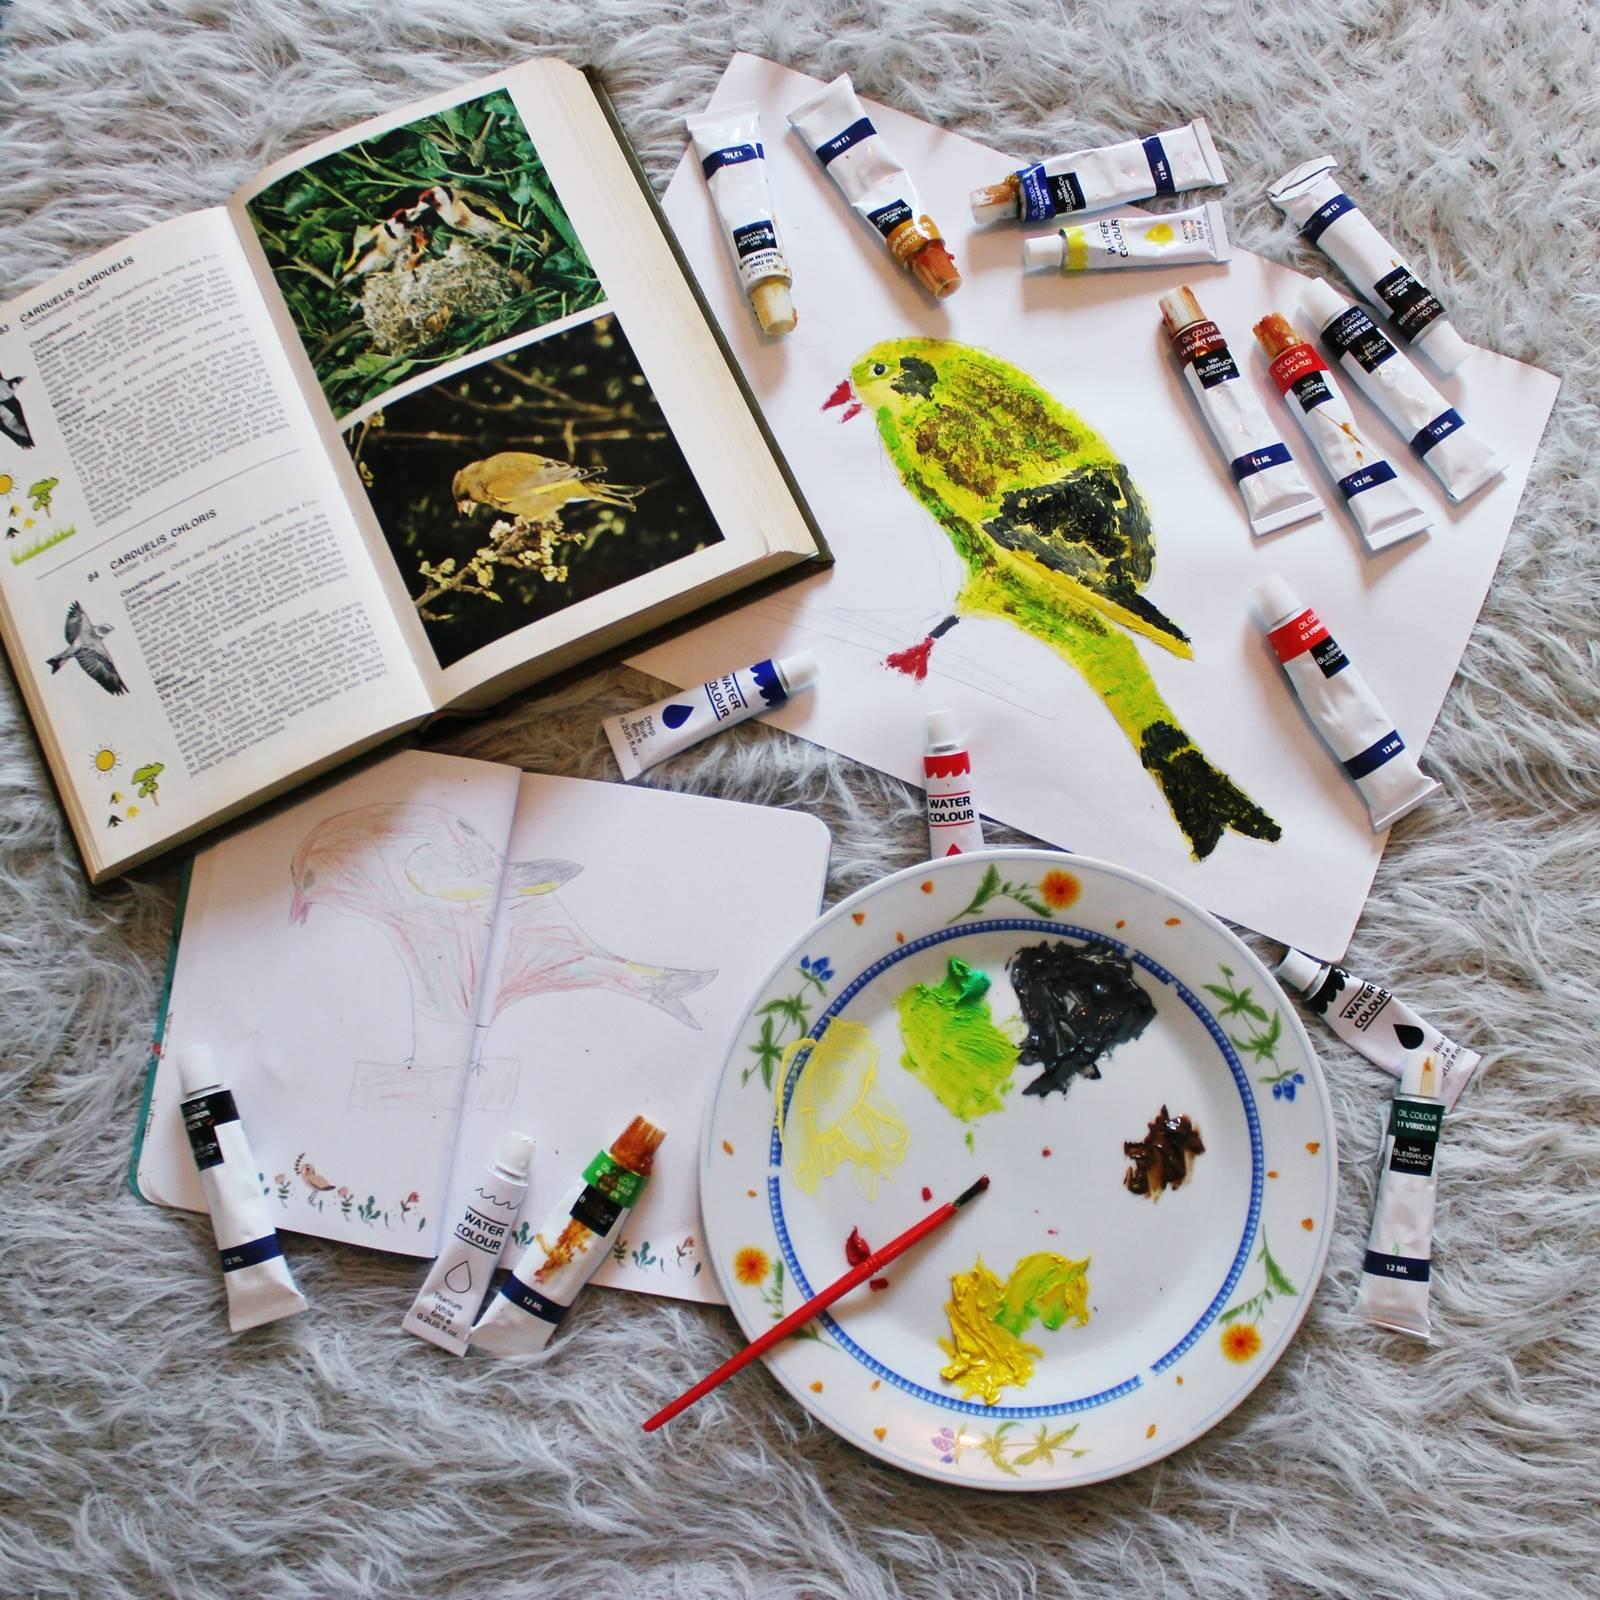 Les petits devoirs cp librairie ecoles avis 5